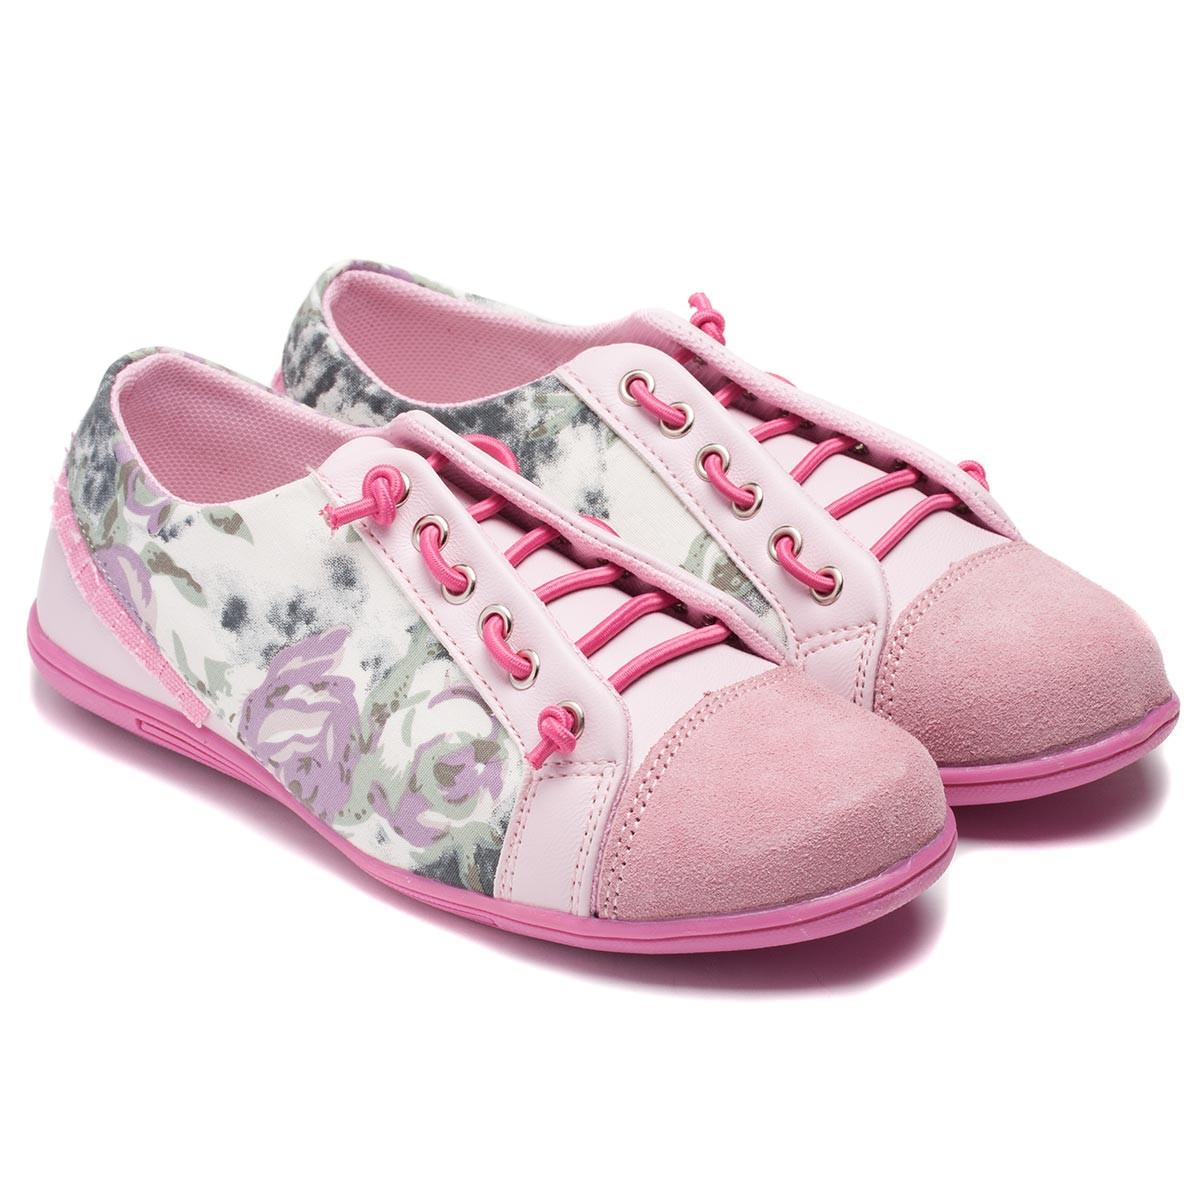 Спортивные туфли Miss Beauty для девочек